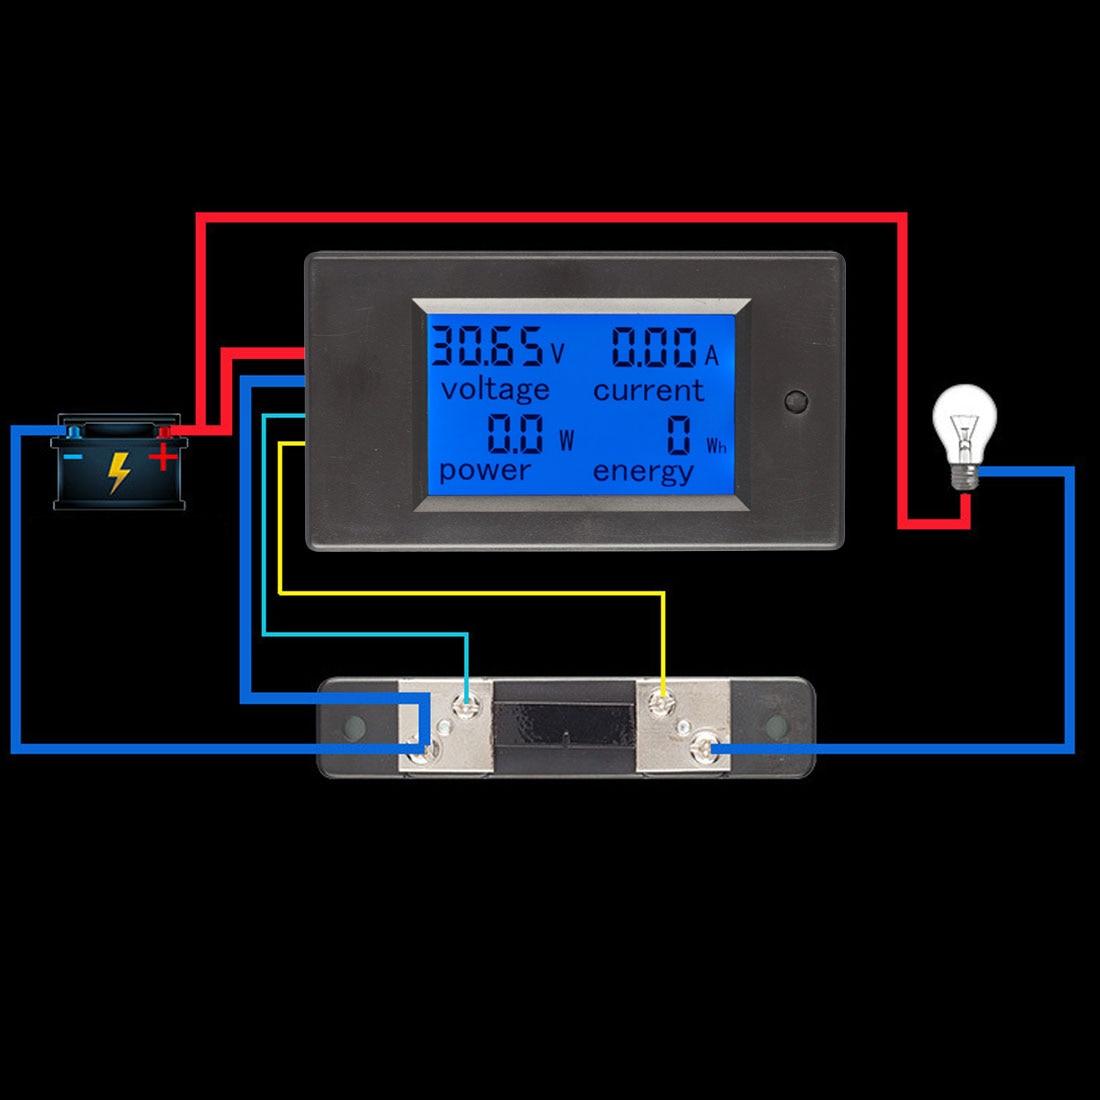 Power Energy Meter 100A Current Shunt Multimeter Ammeter Voltmeter DC 6.5-100V 0-100A LCD Display Digital Current Voltage